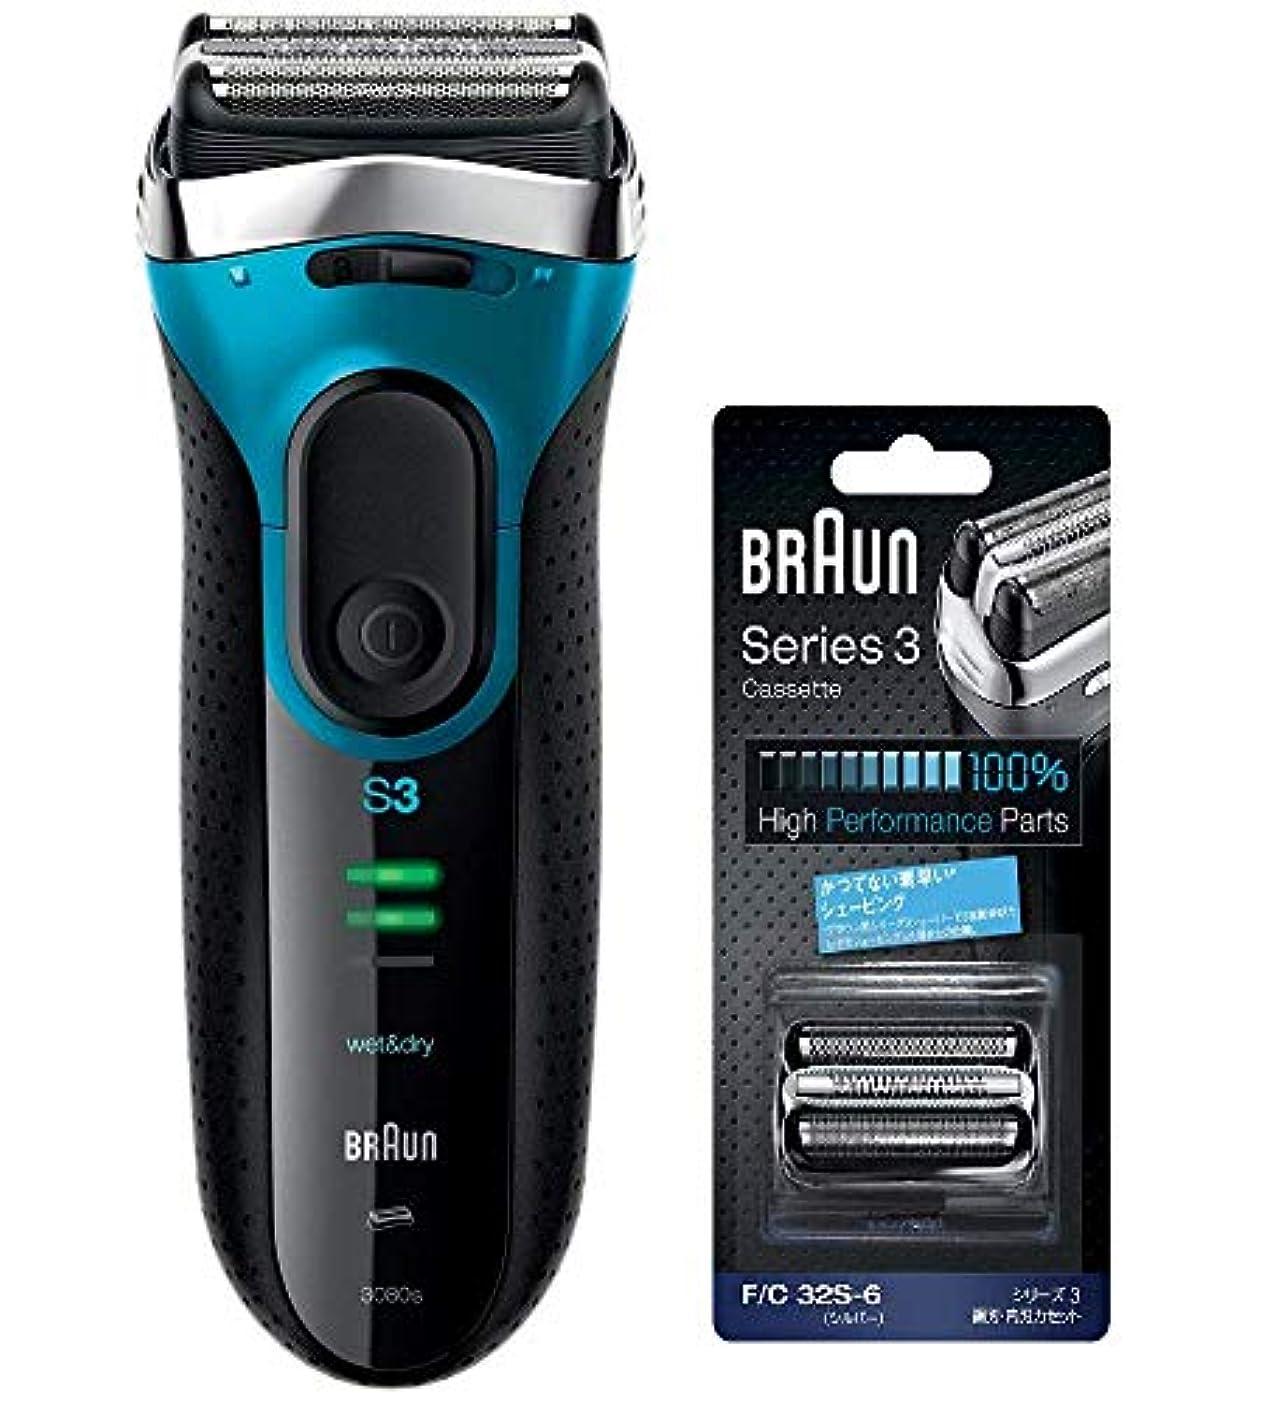 毎週延期する階段ブラウン メンズ電気シェーバー シリーズ3 交換用替刃付 3080S-B-SET 3枚刃 水洗い/お風呂剃り可 ブルー